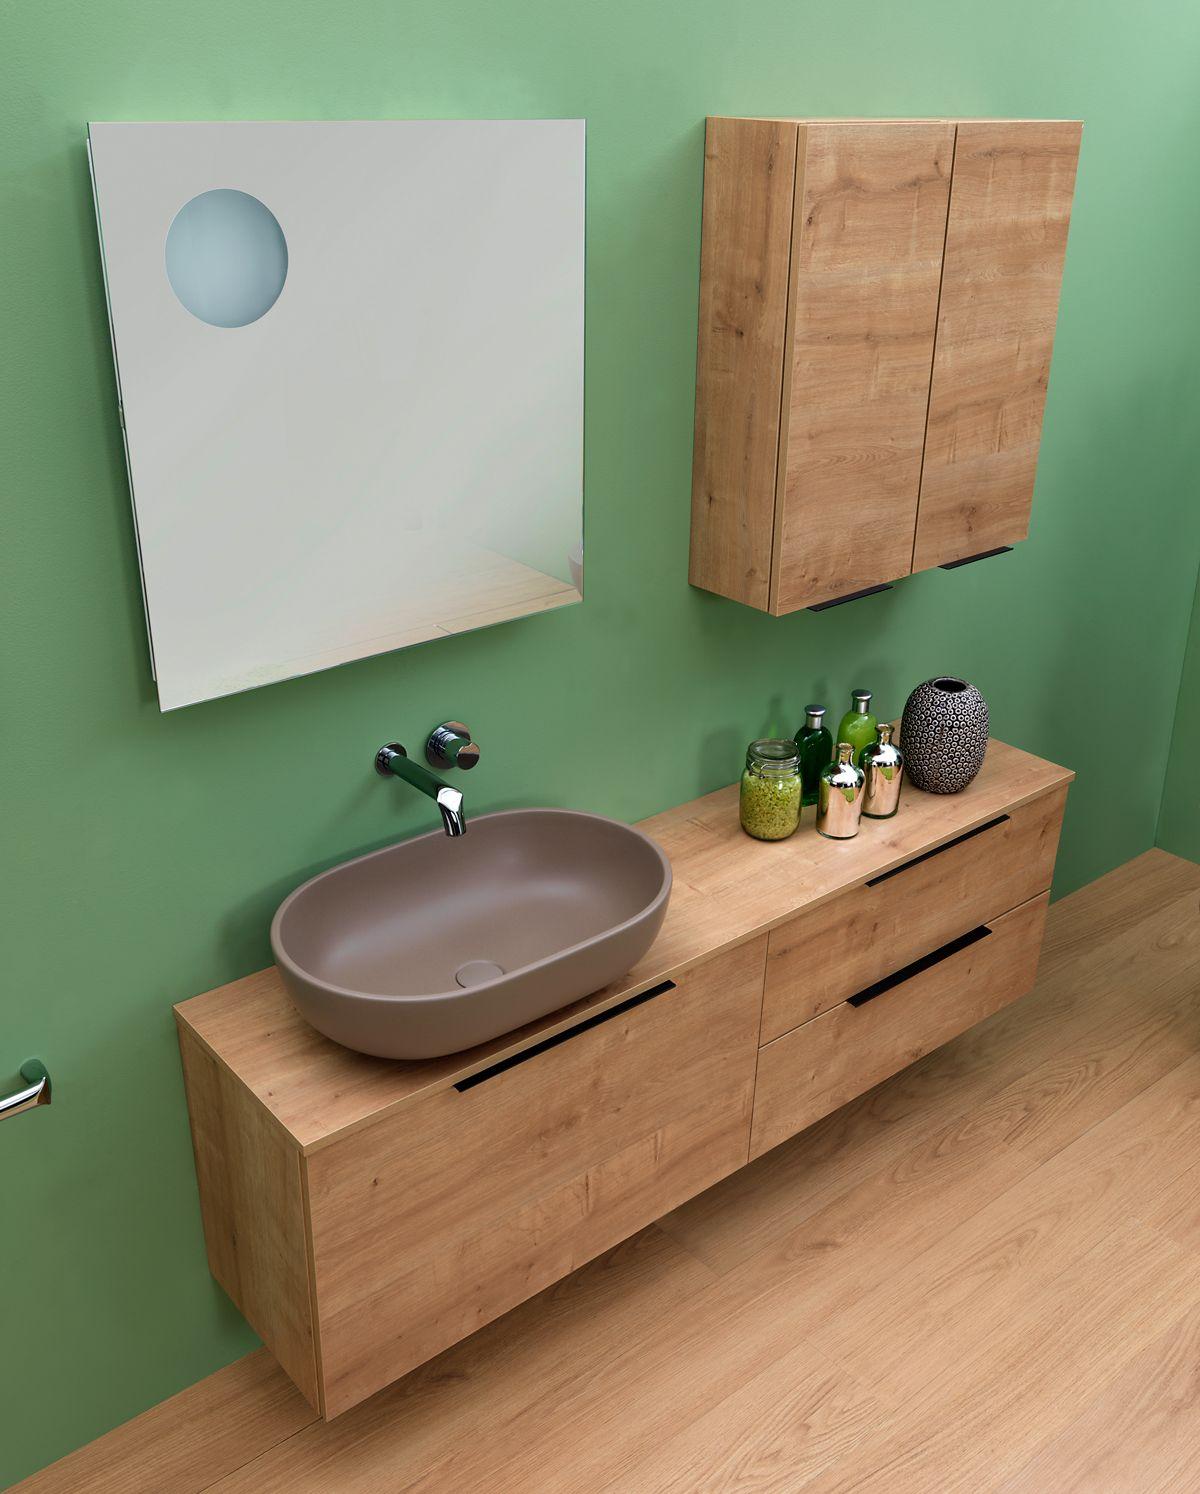 Kolekcja Ekskluzywnych Włoskich Mebli łazienkowych W